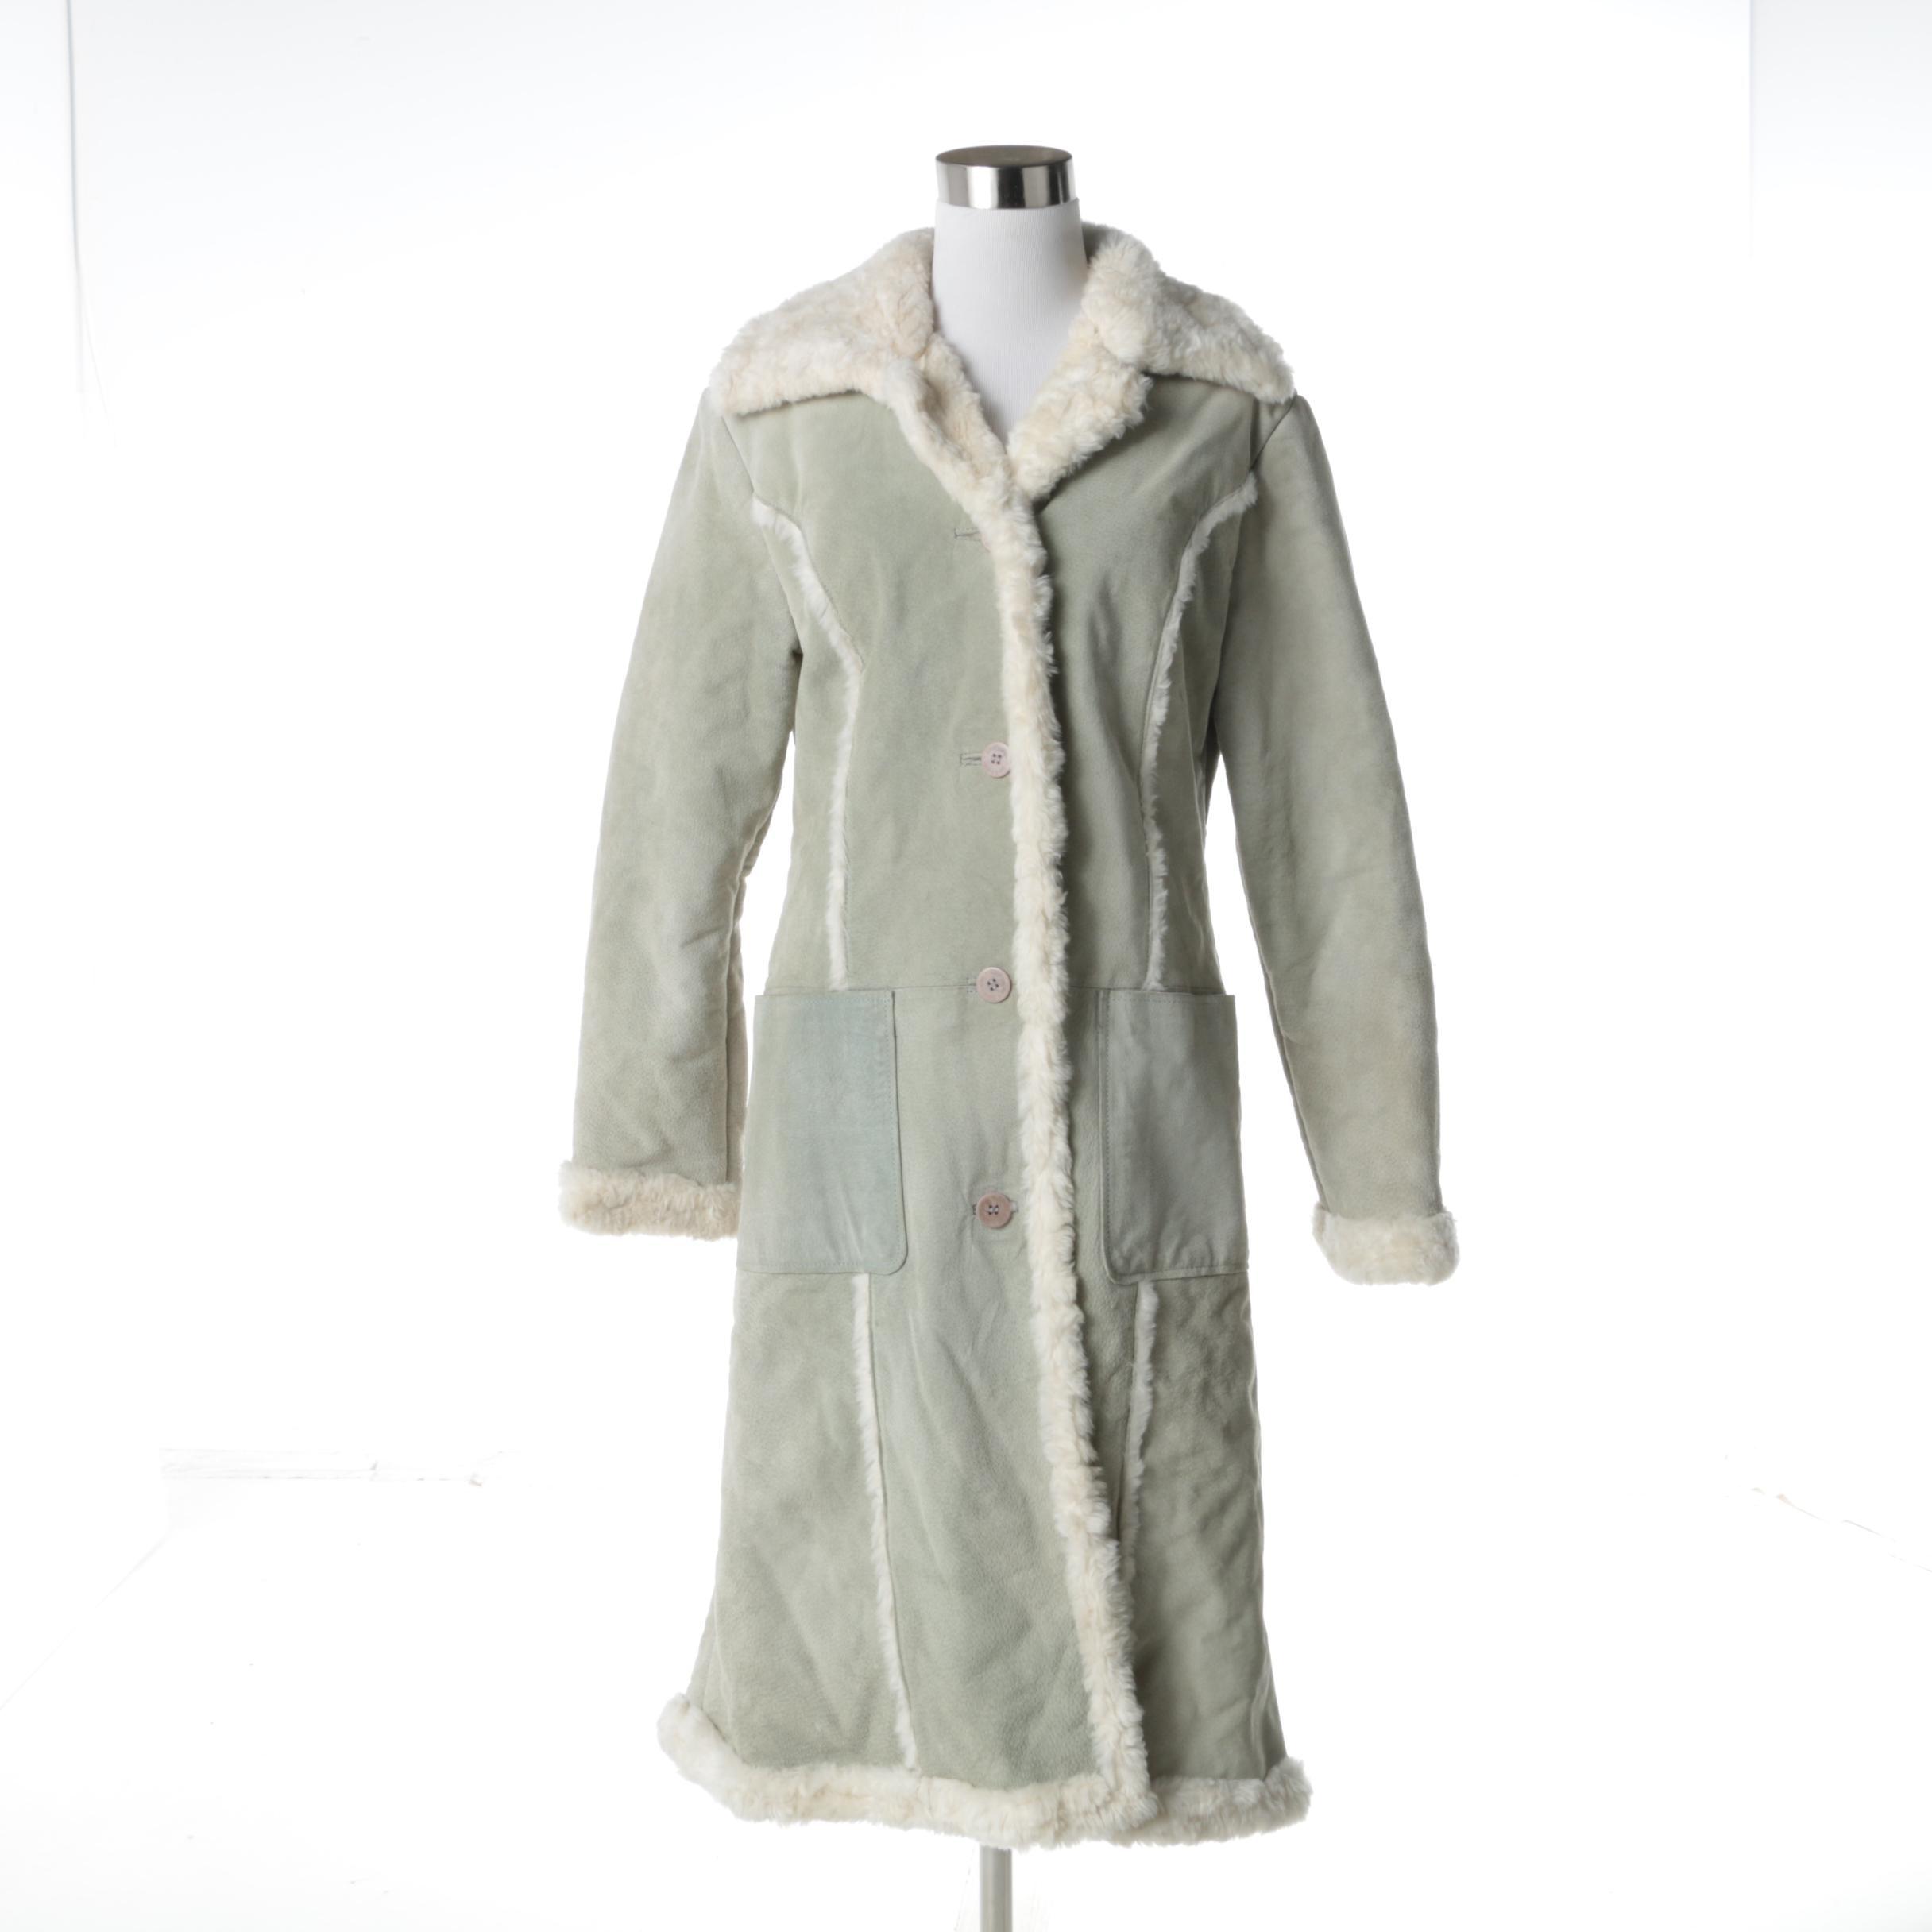 Women's Steve Madden Leather Coat